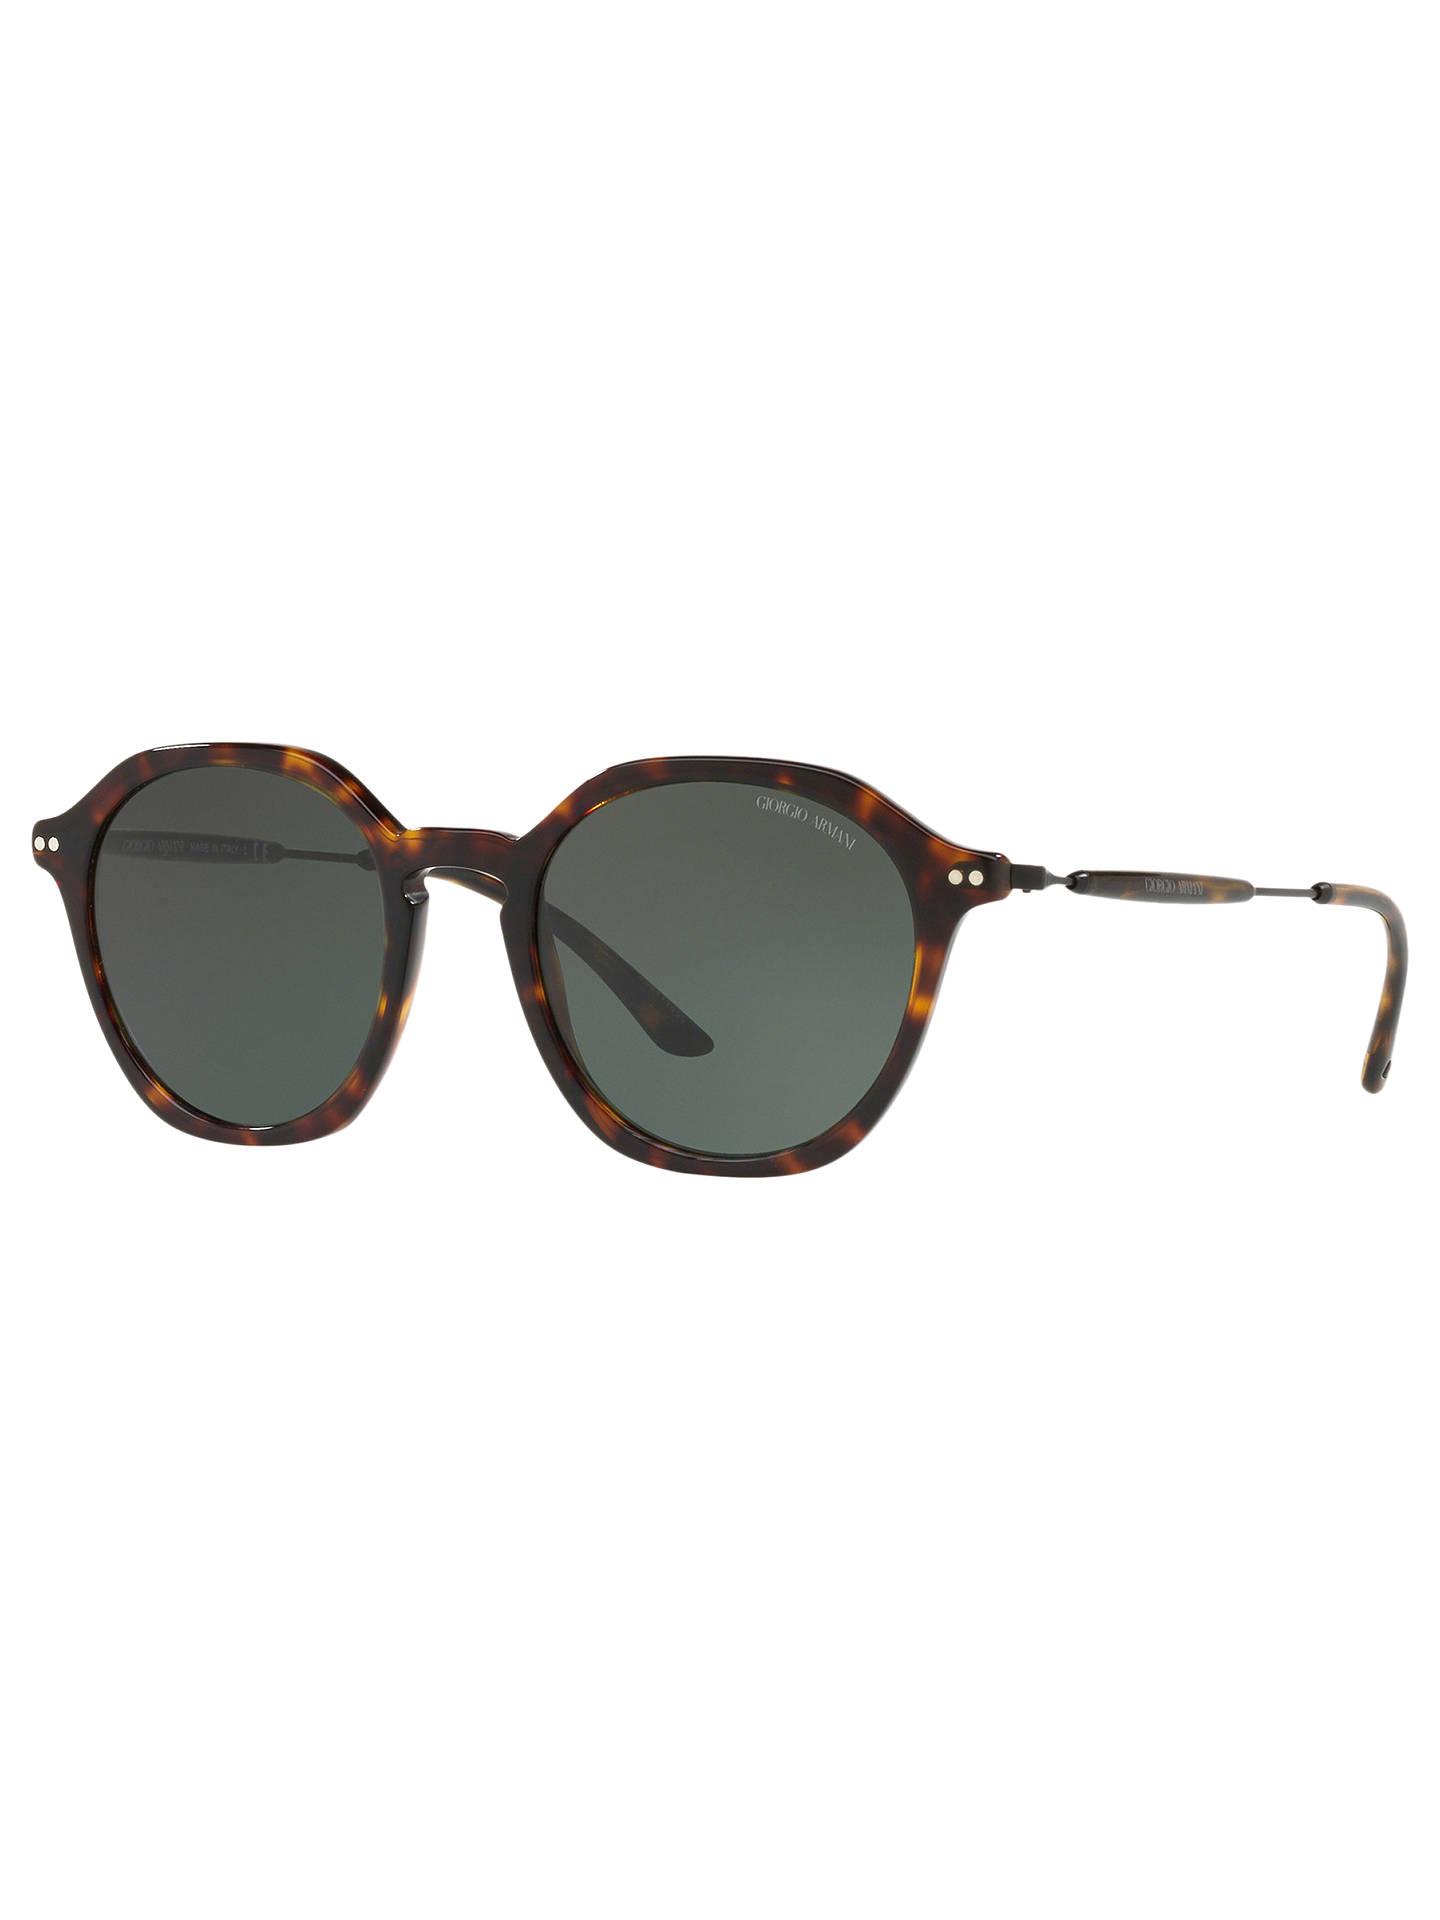 ff14a42c58b Giorgio Armani AR8109 Men s Oval Sunglasses at John Lewis   Partners